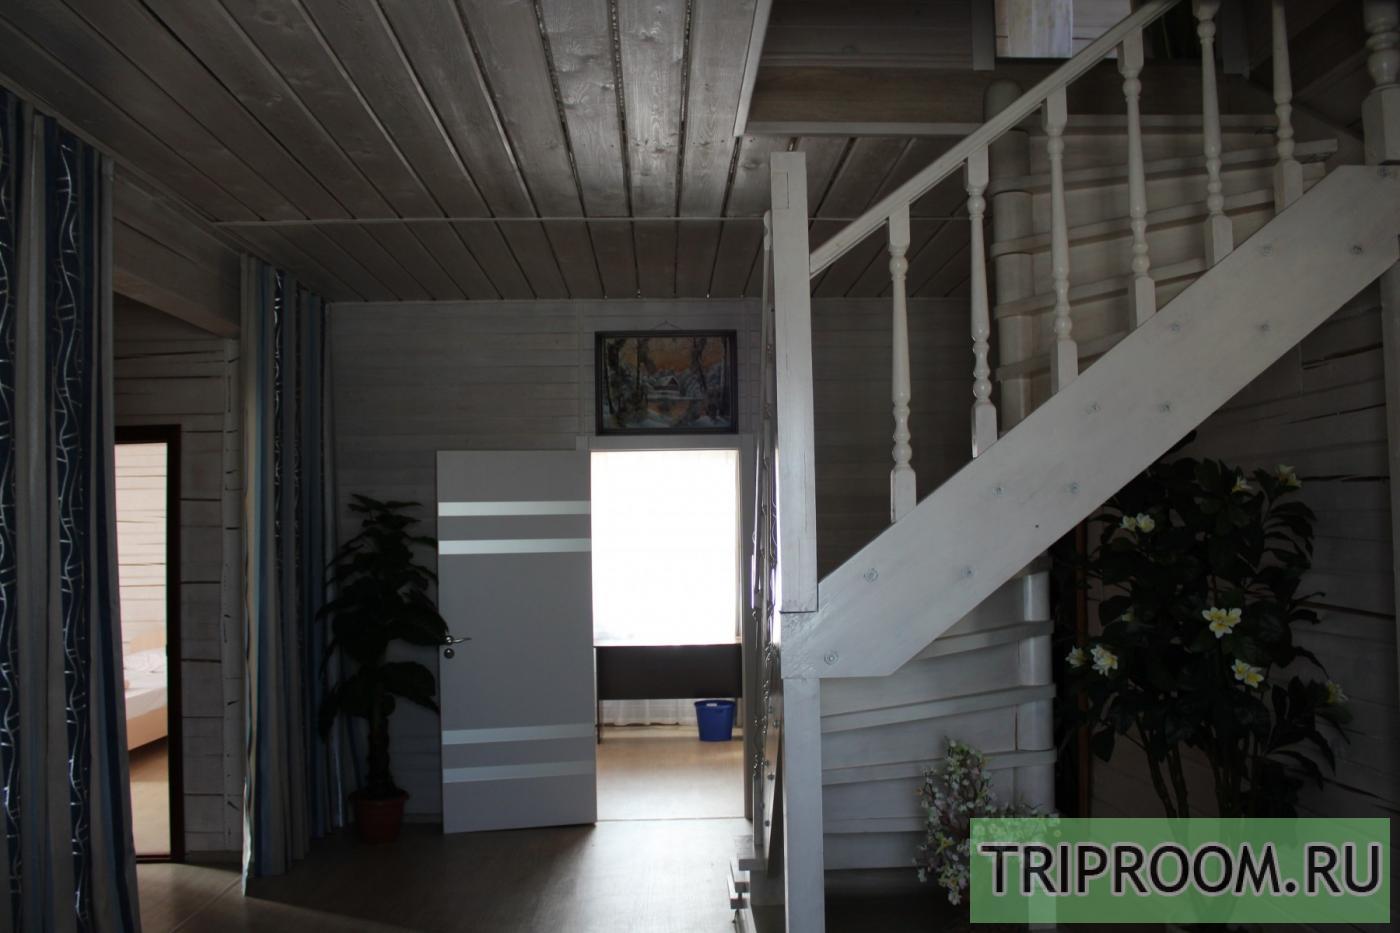 8-комнатный Коттедж посуточно (вариант № 22473), ул. Солнечная улица, фото № 31